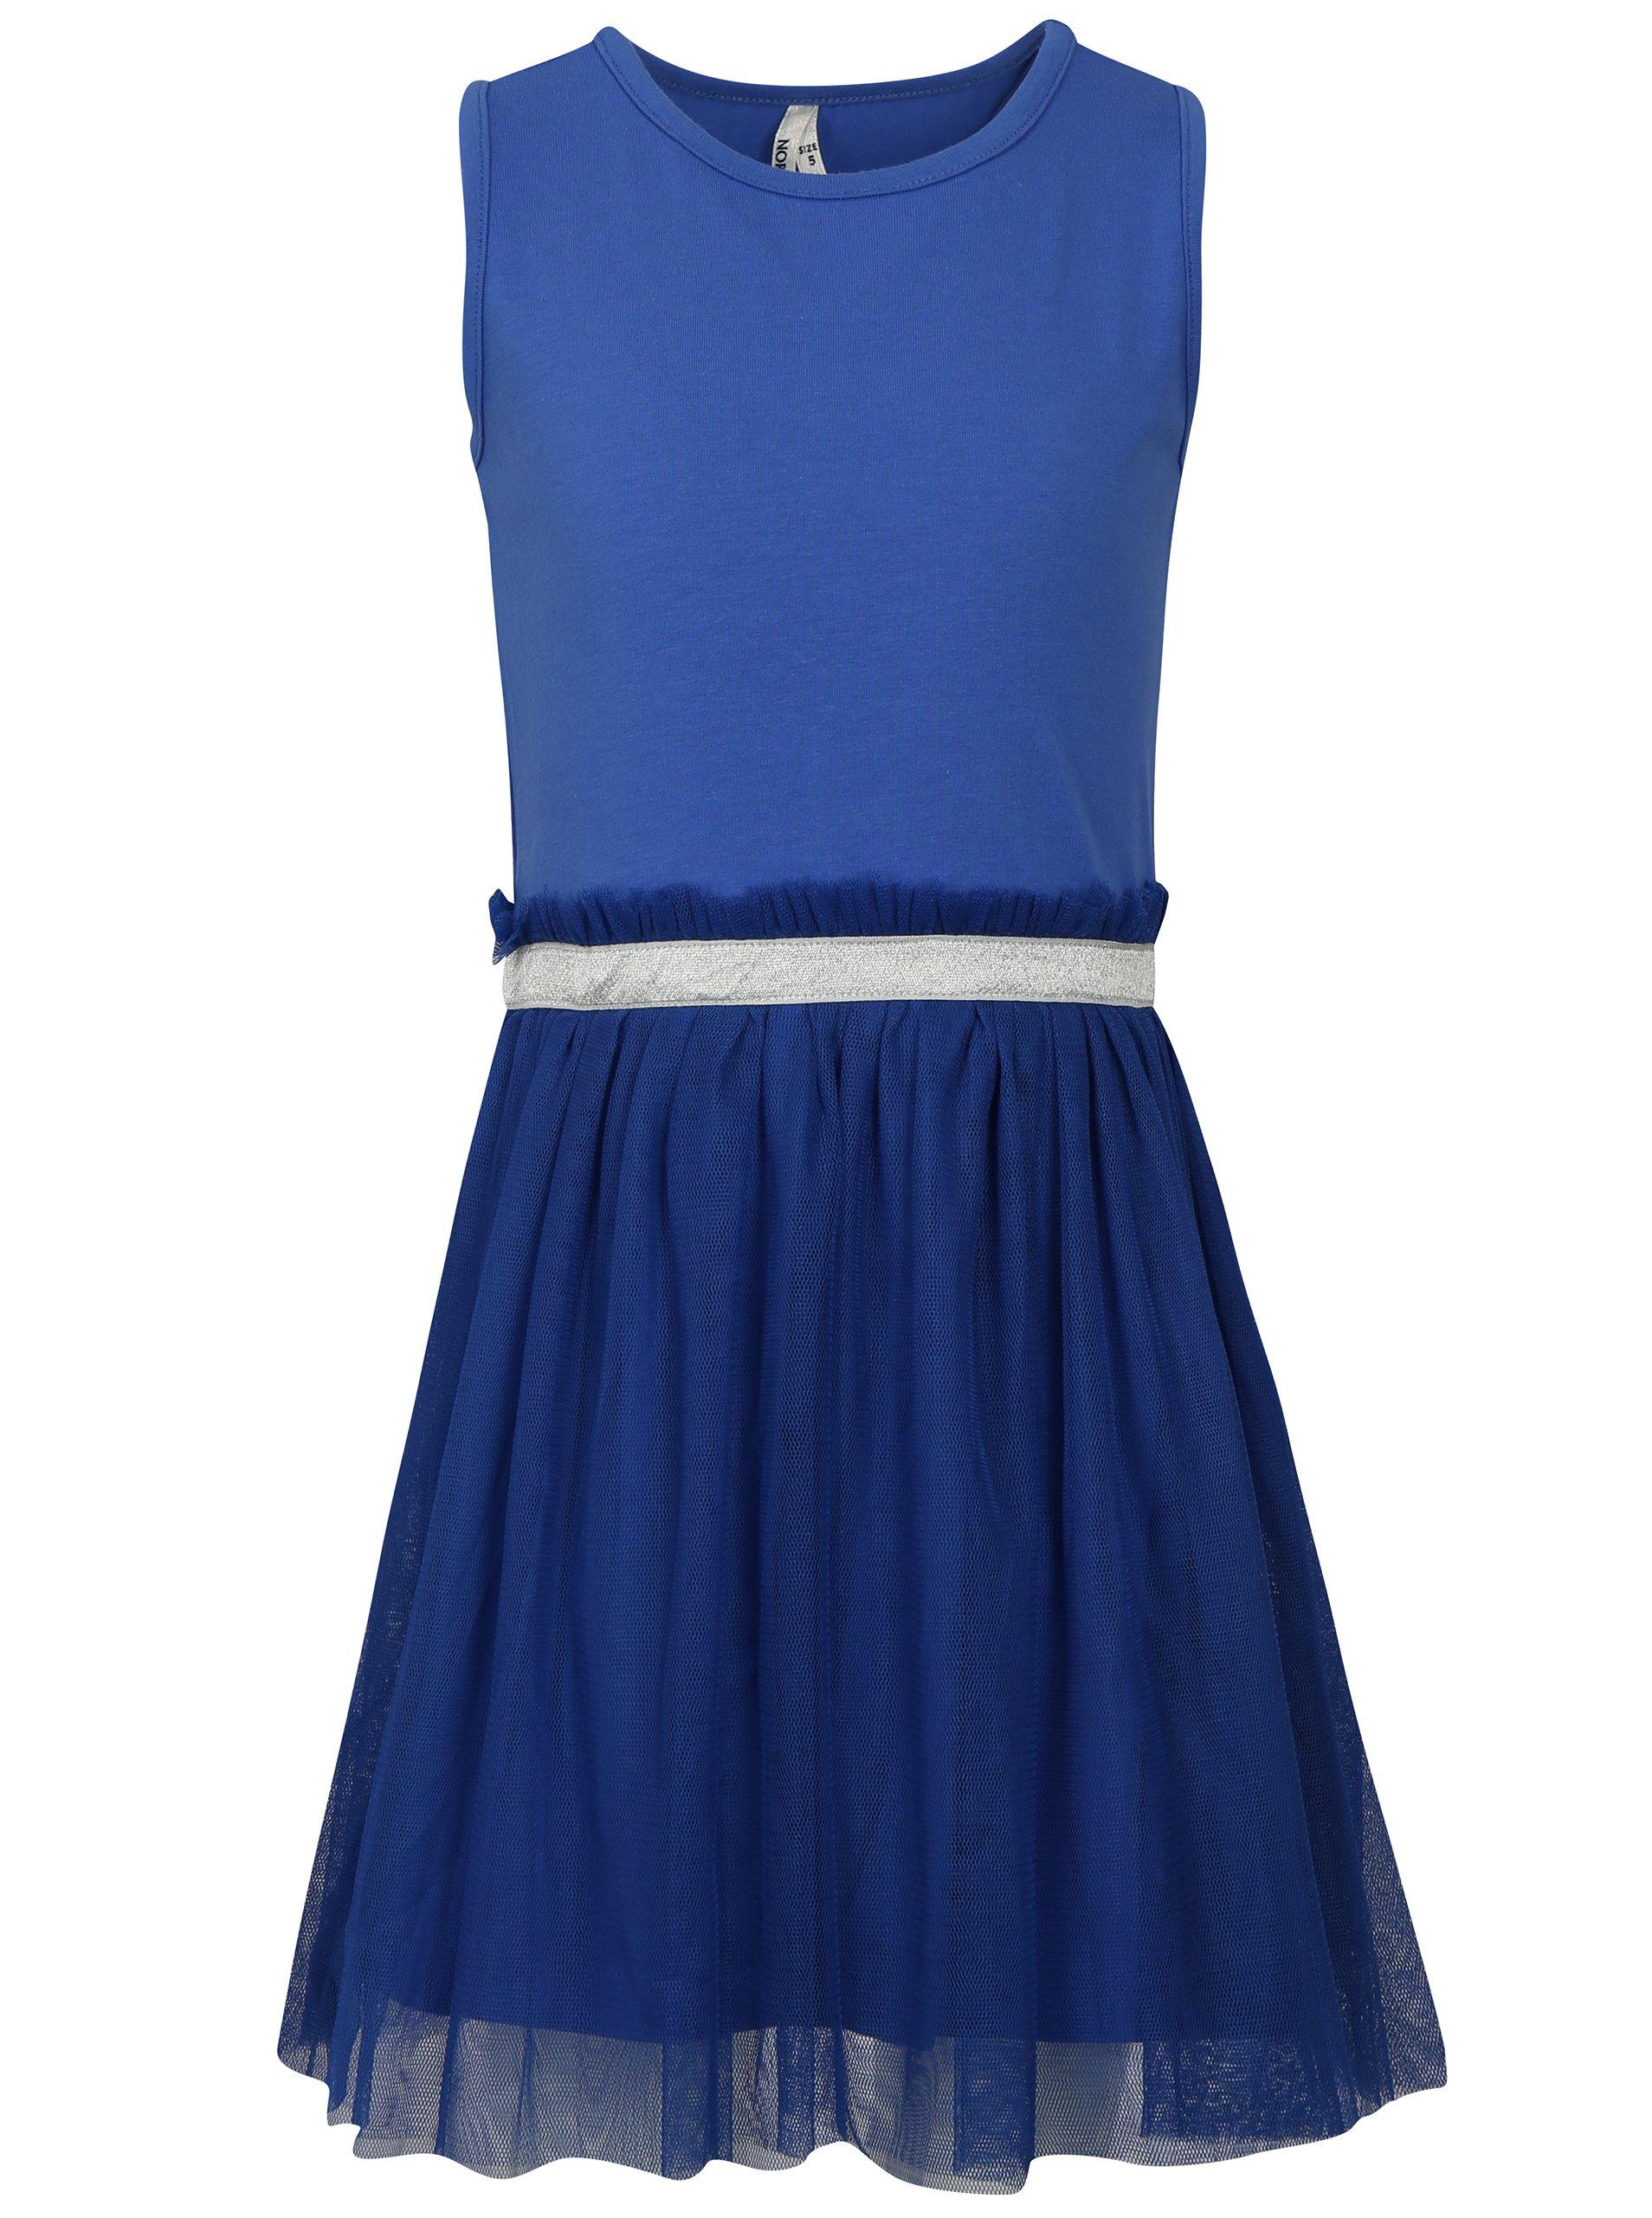 Modré dievčenské šaty s tylovou sukňou North Pole Kids